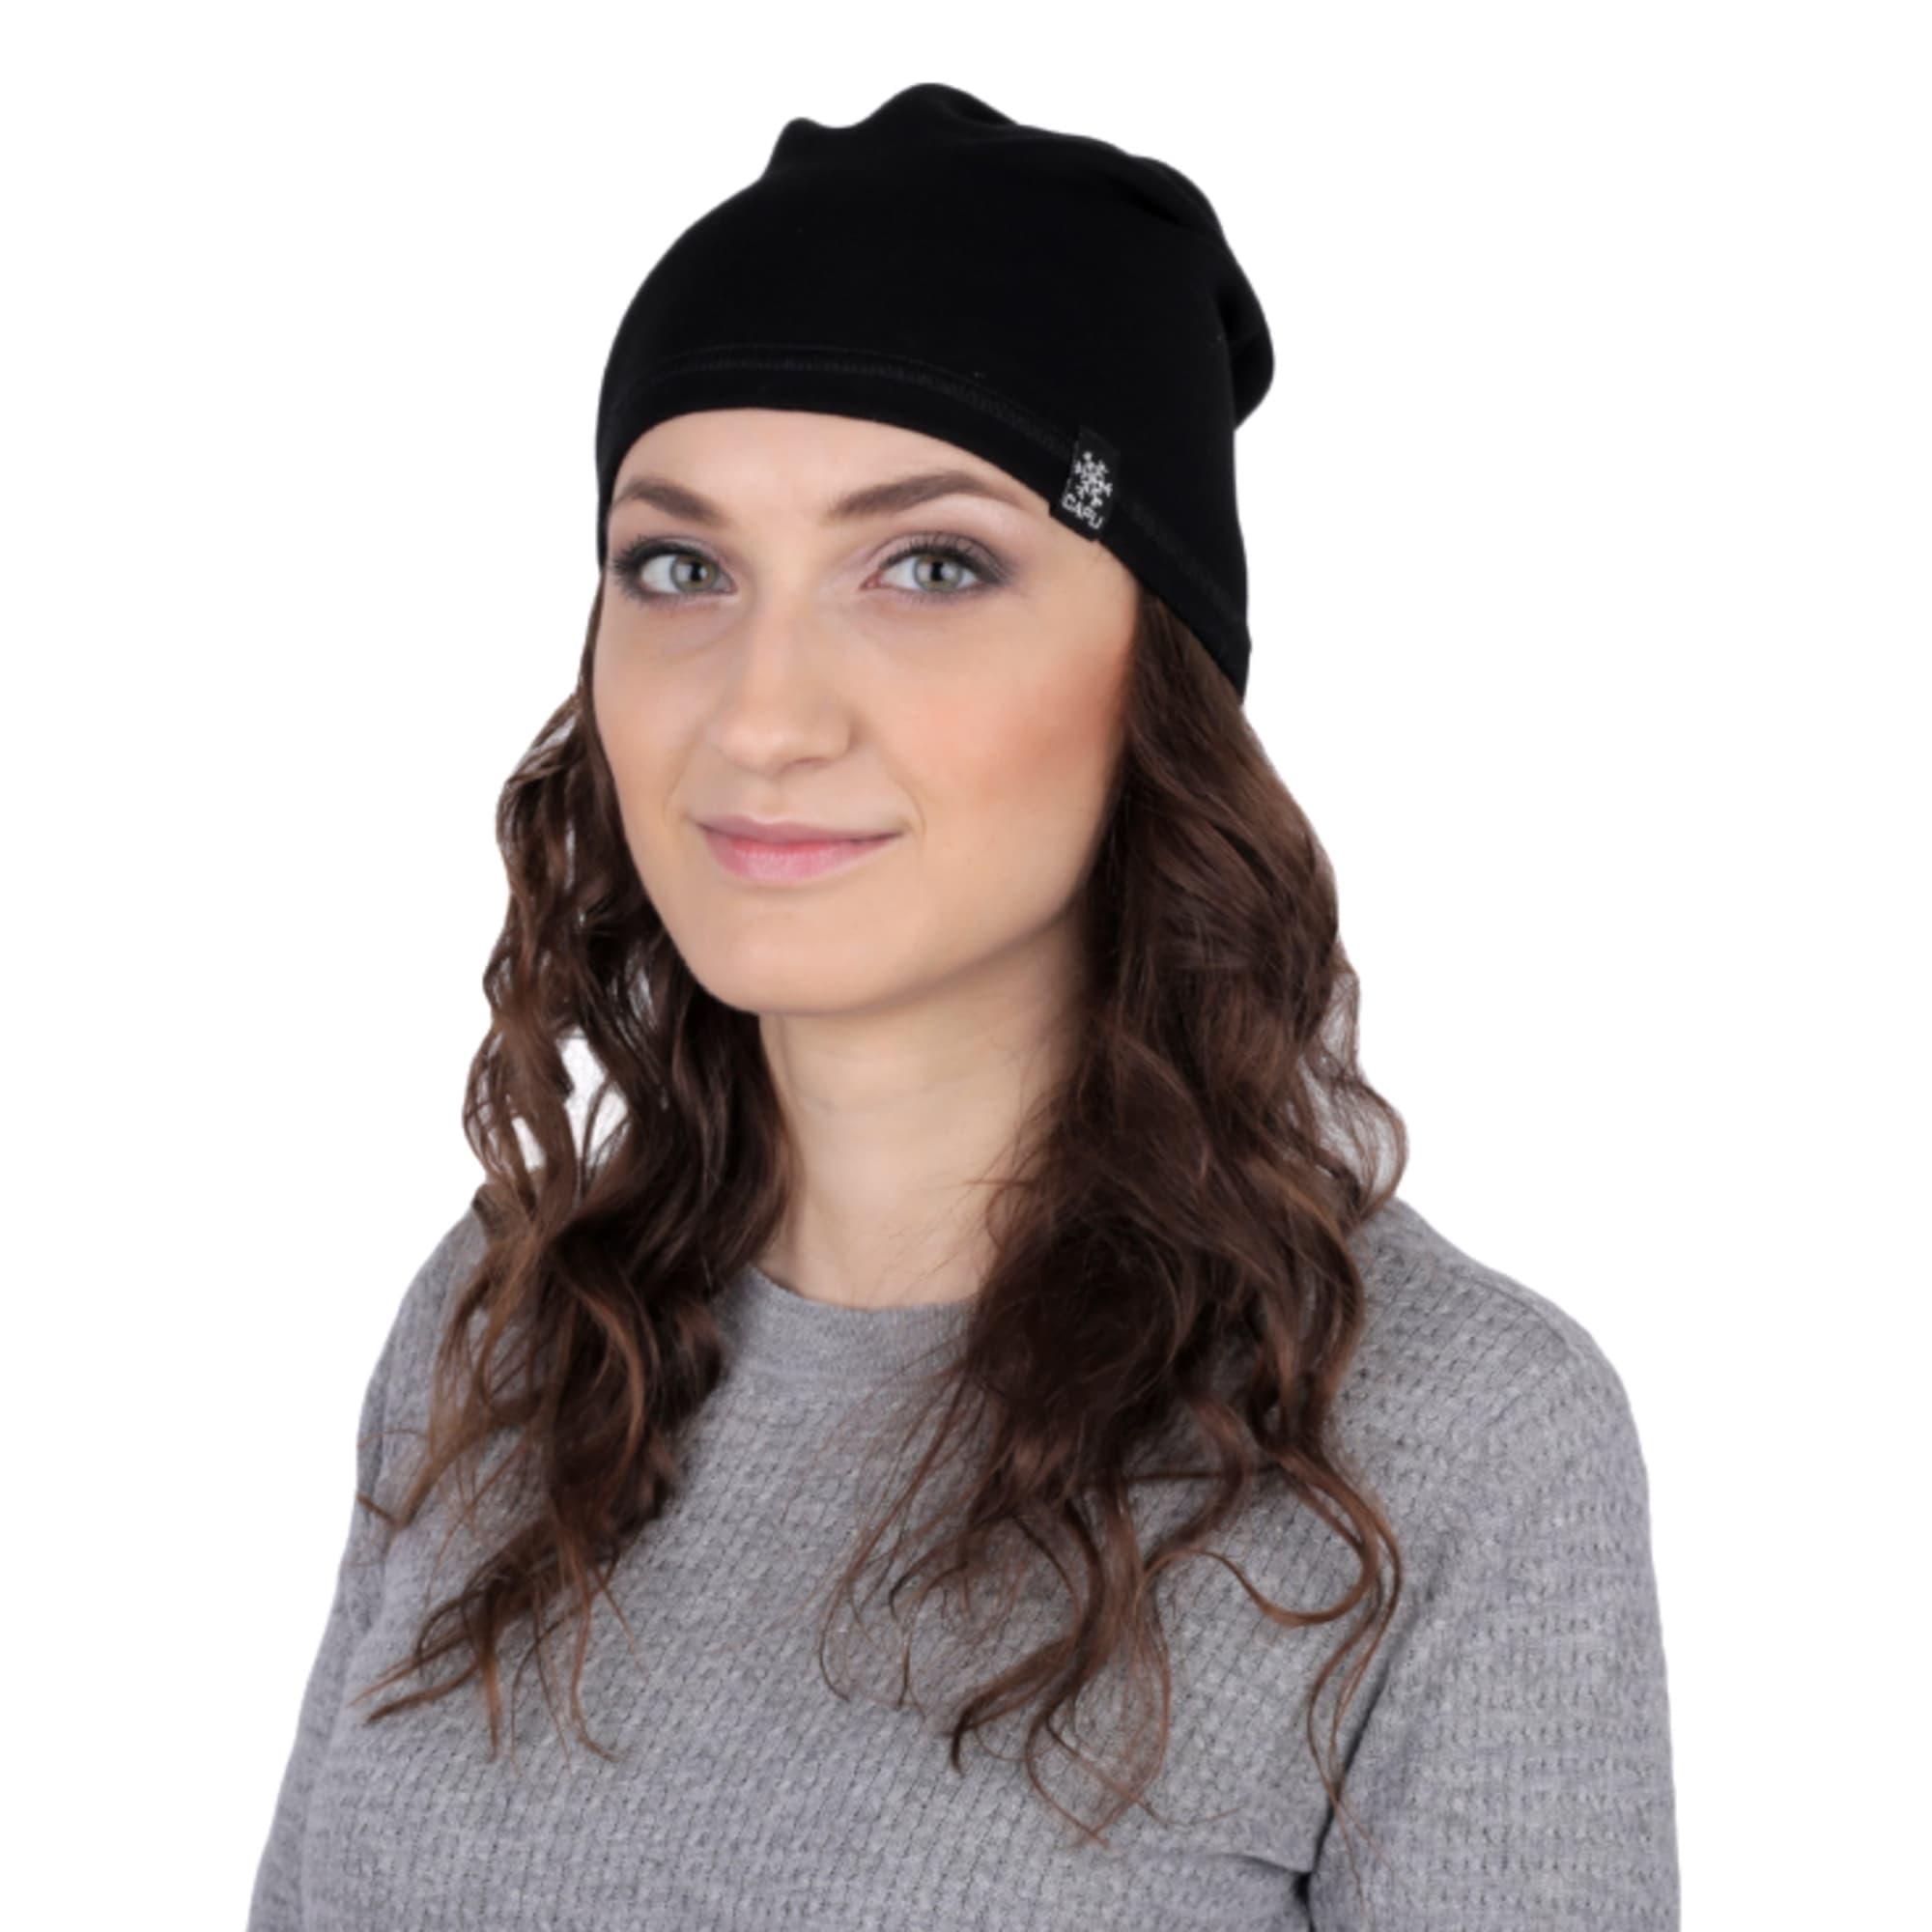 Dámská móda a doplňky - Bavlněná čepice Hip Hop Capu ... fd9919d05c